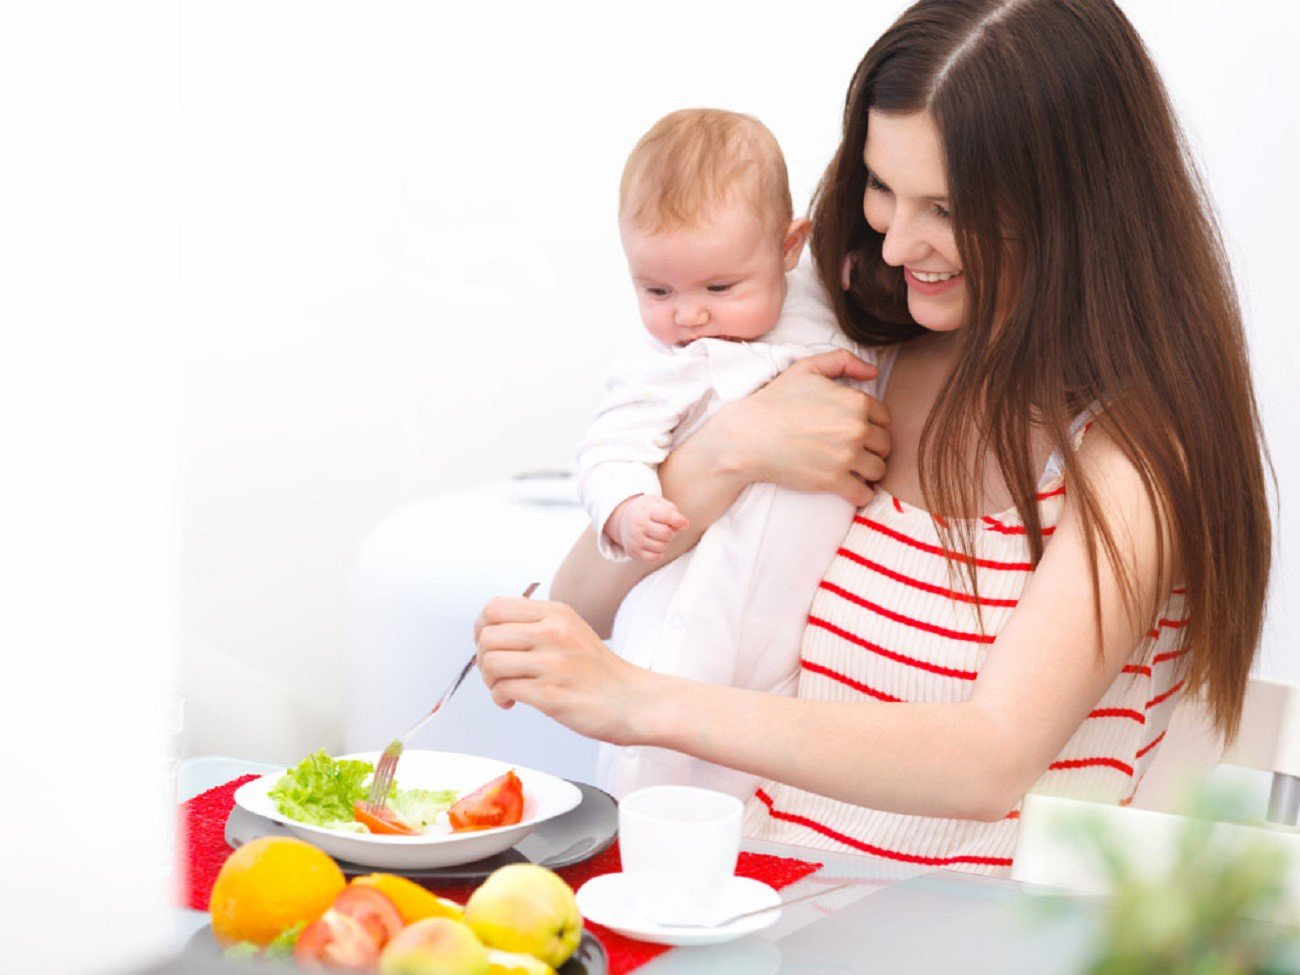 Правильно Похудеть Кормящей Маме. Как похудеть кормящей маме